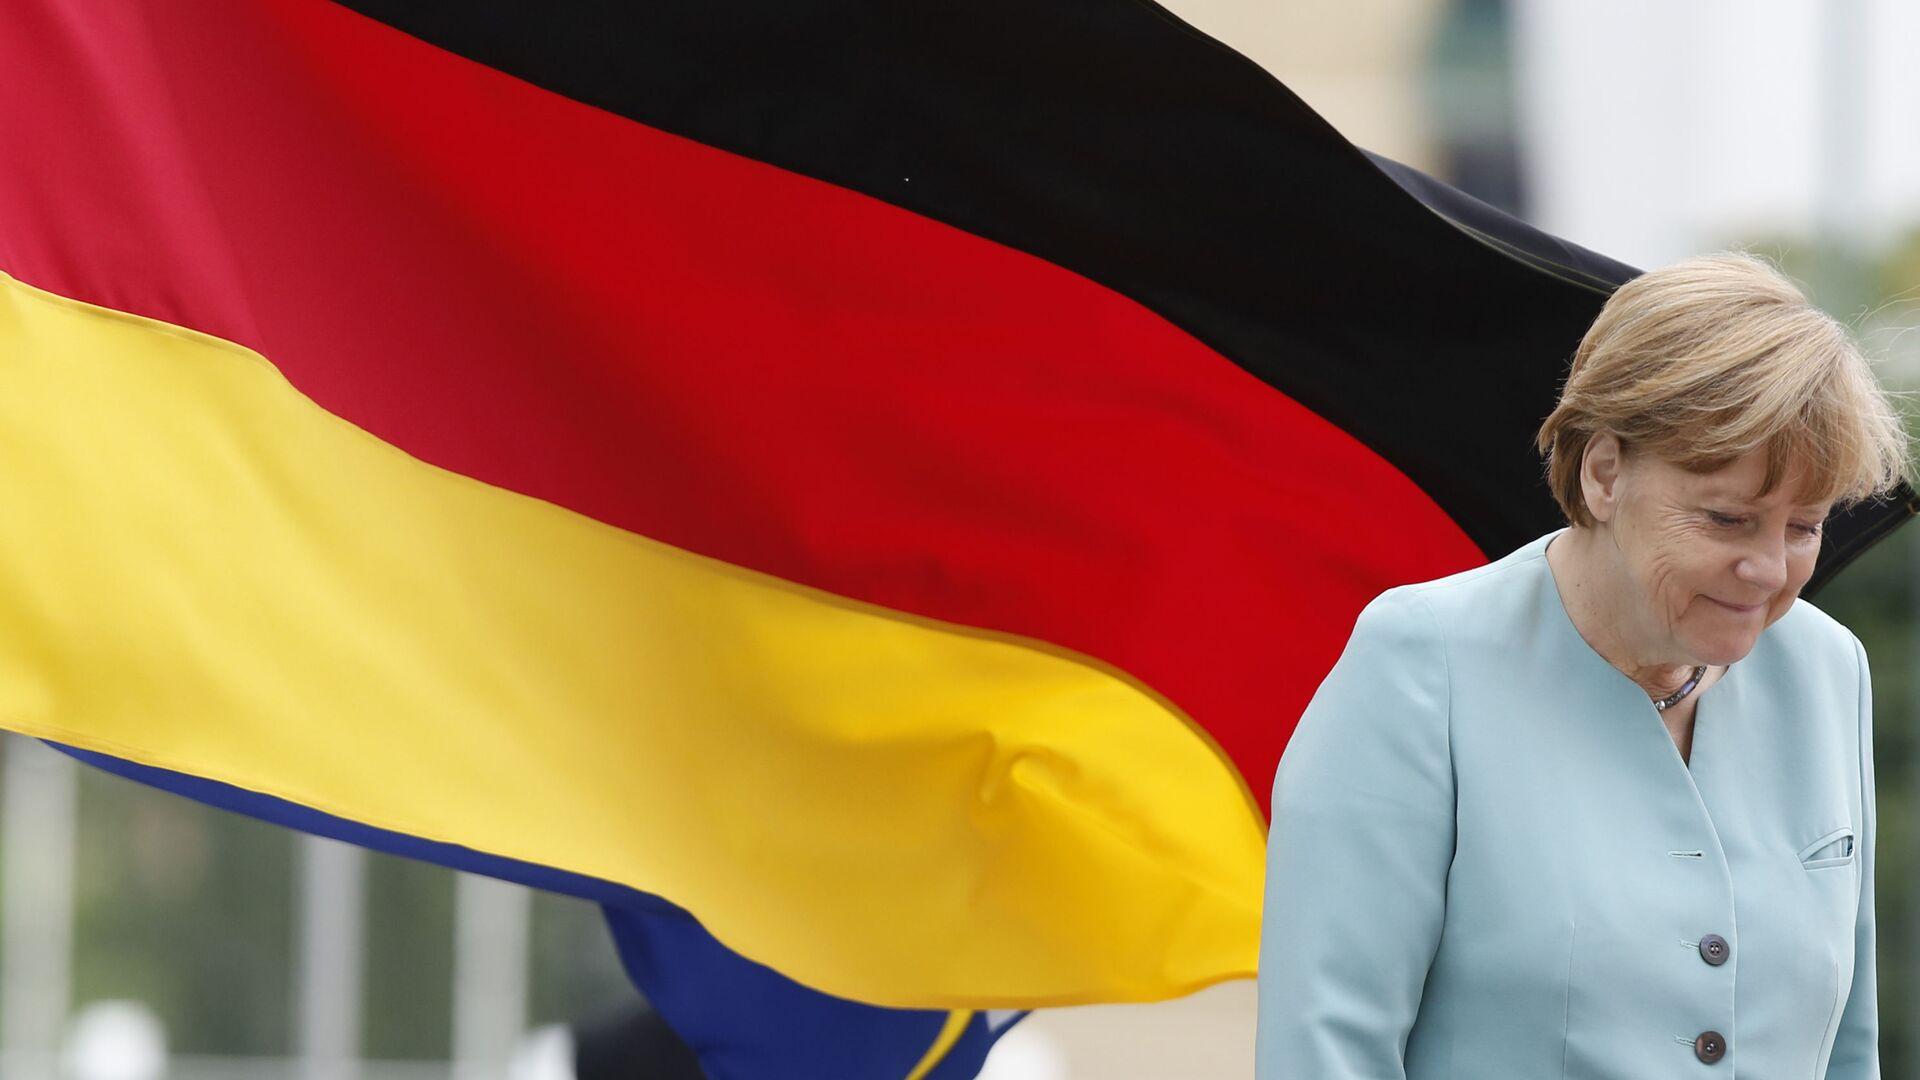 Канцлер Германии Ангела Меркель в Боснии  - Sputnik Italia, 1920, 27.08.2021